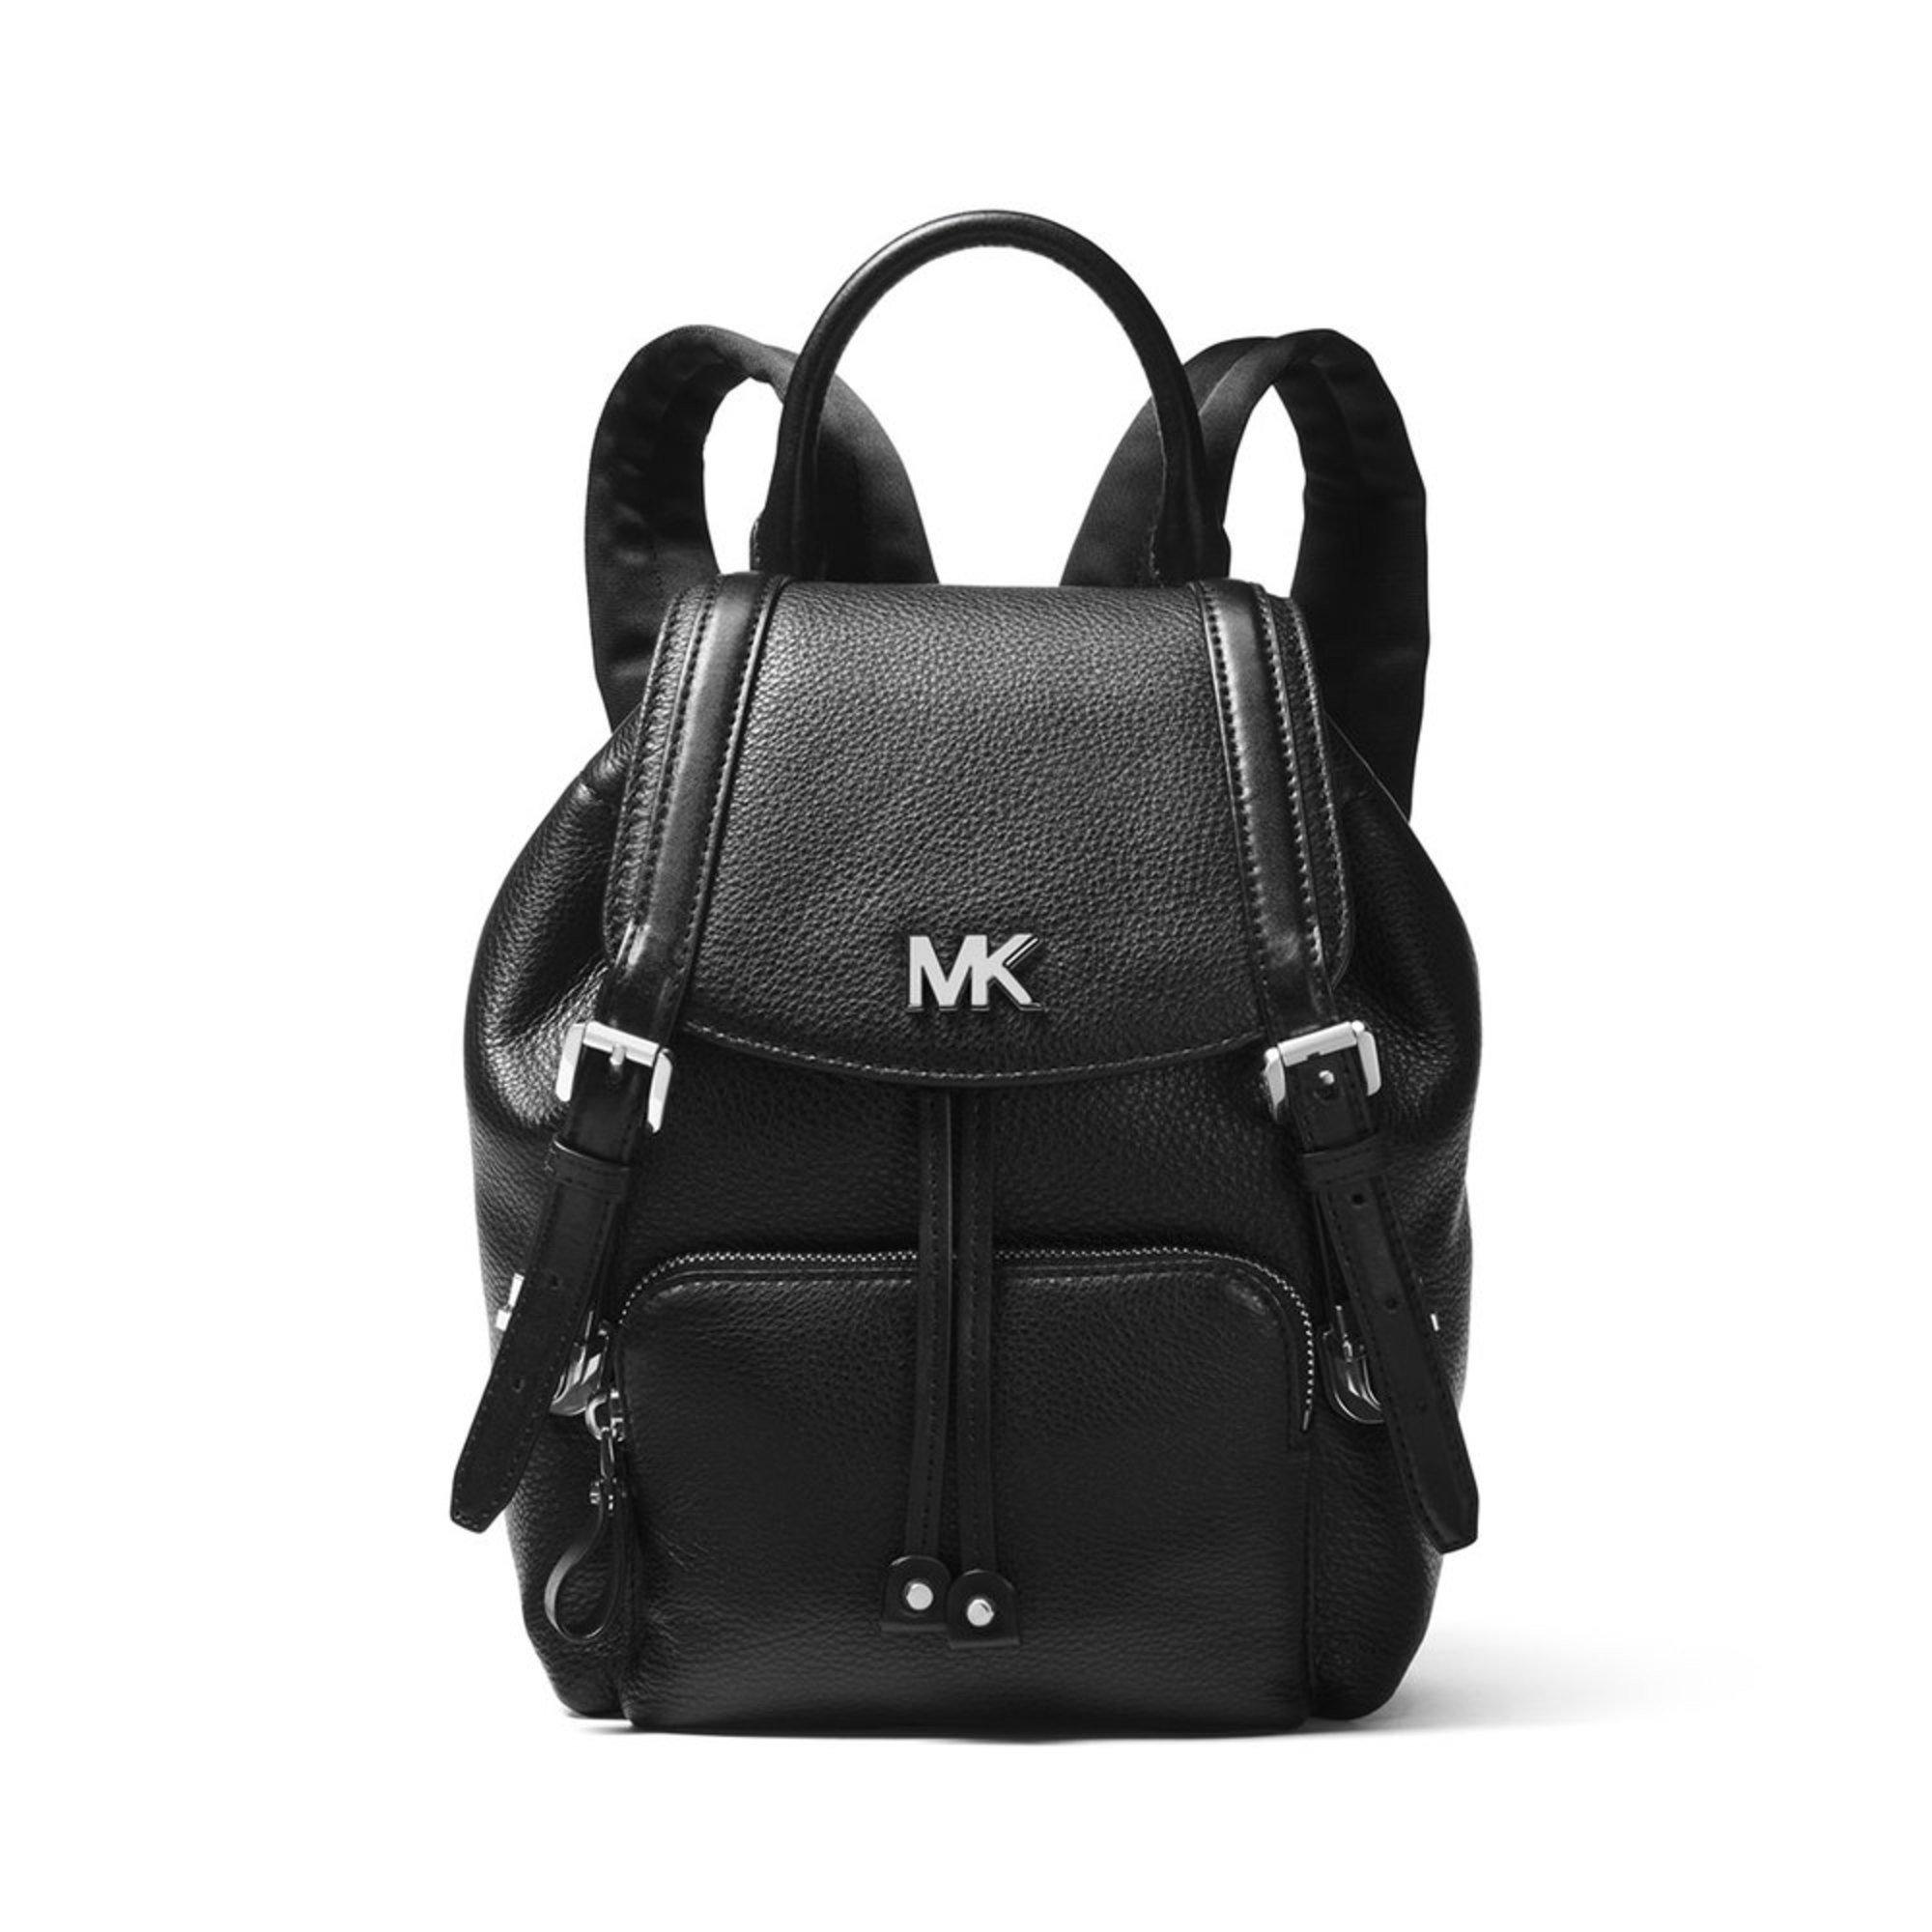 38e64851393 promo code 95ad7 161fe michael michael kors beacon small backpack ...